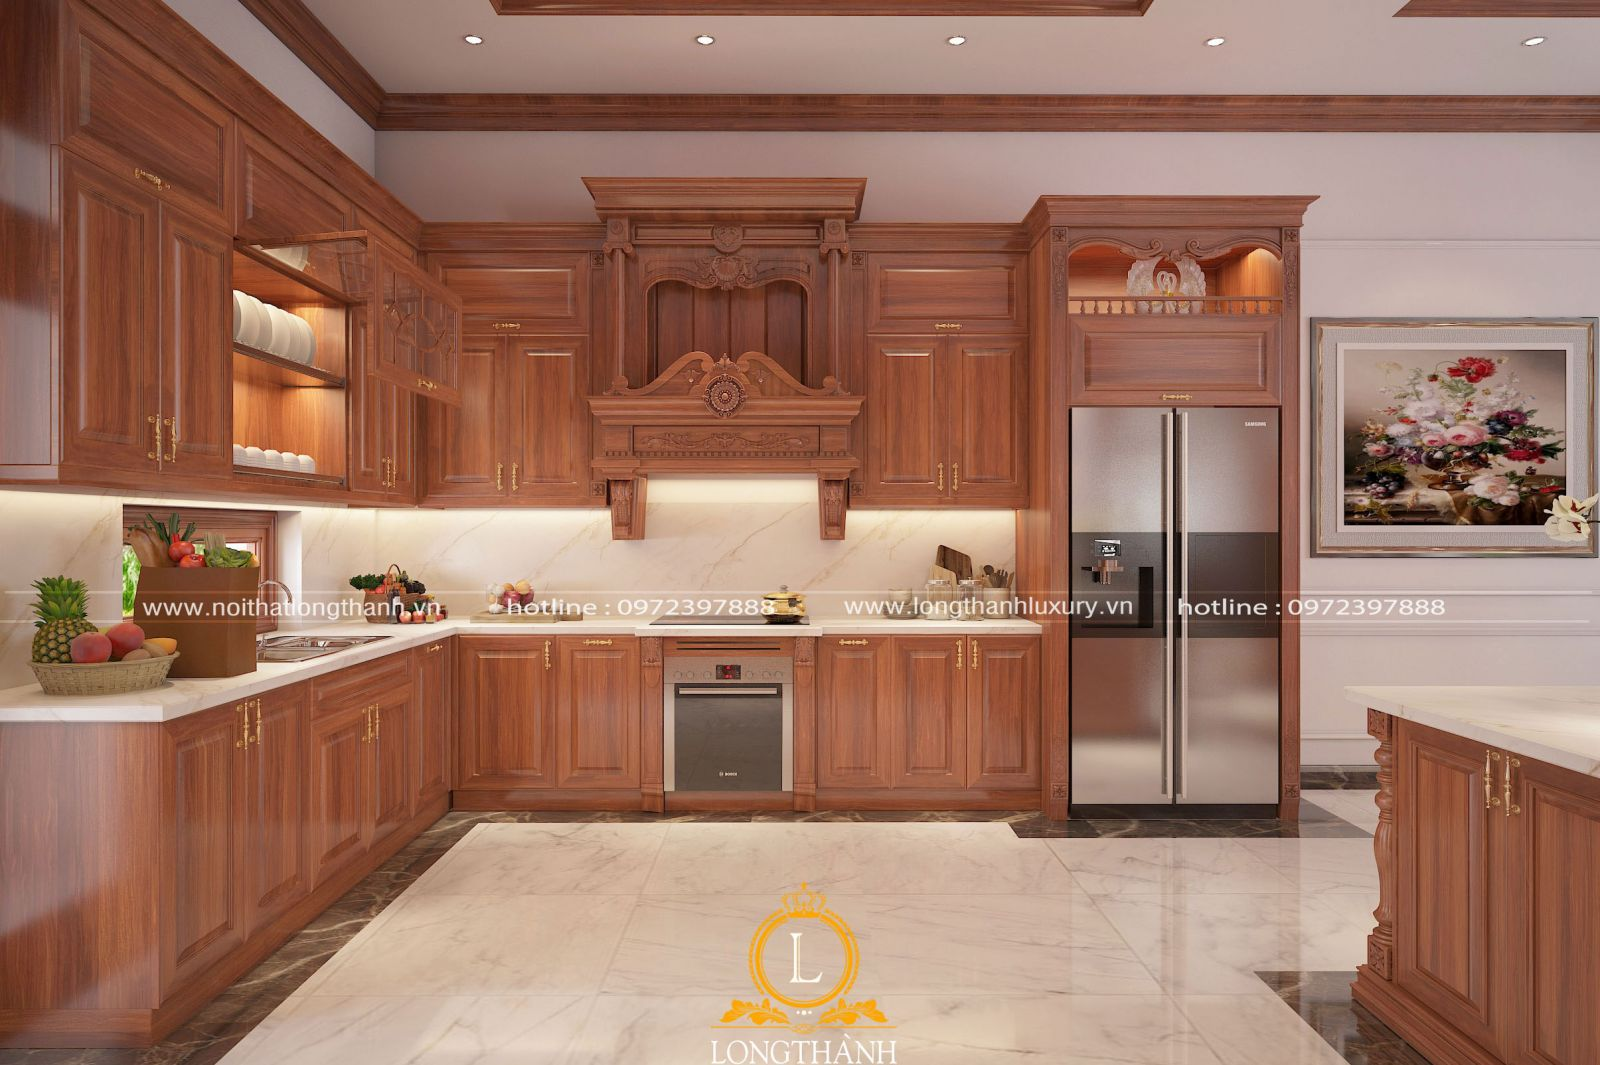 Không gian diện tích nhà bếp rộng giúp cho việc bố trí công năng được dễ dàng hơn